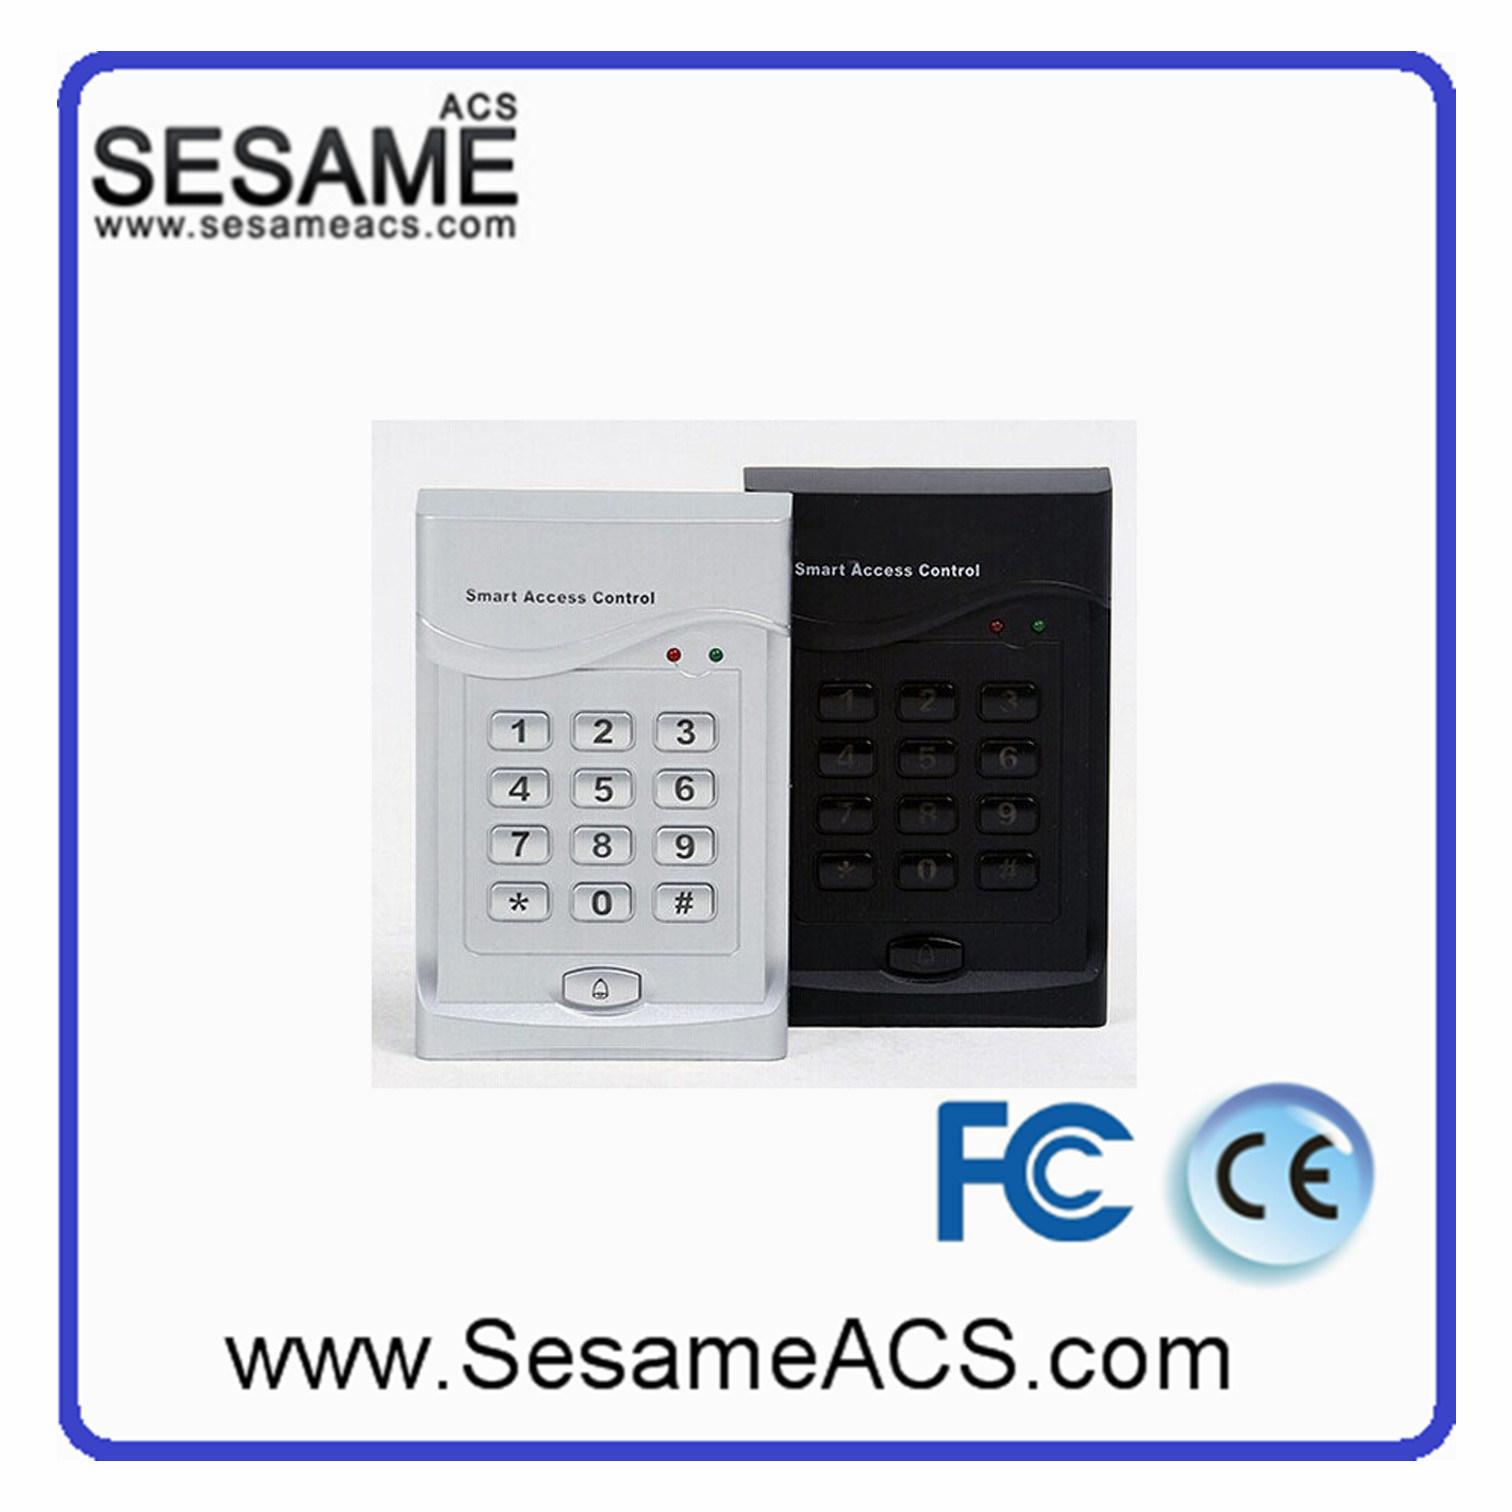 TCP/IP Wiegand26 Network Door Access Controllerse60c-Wg)